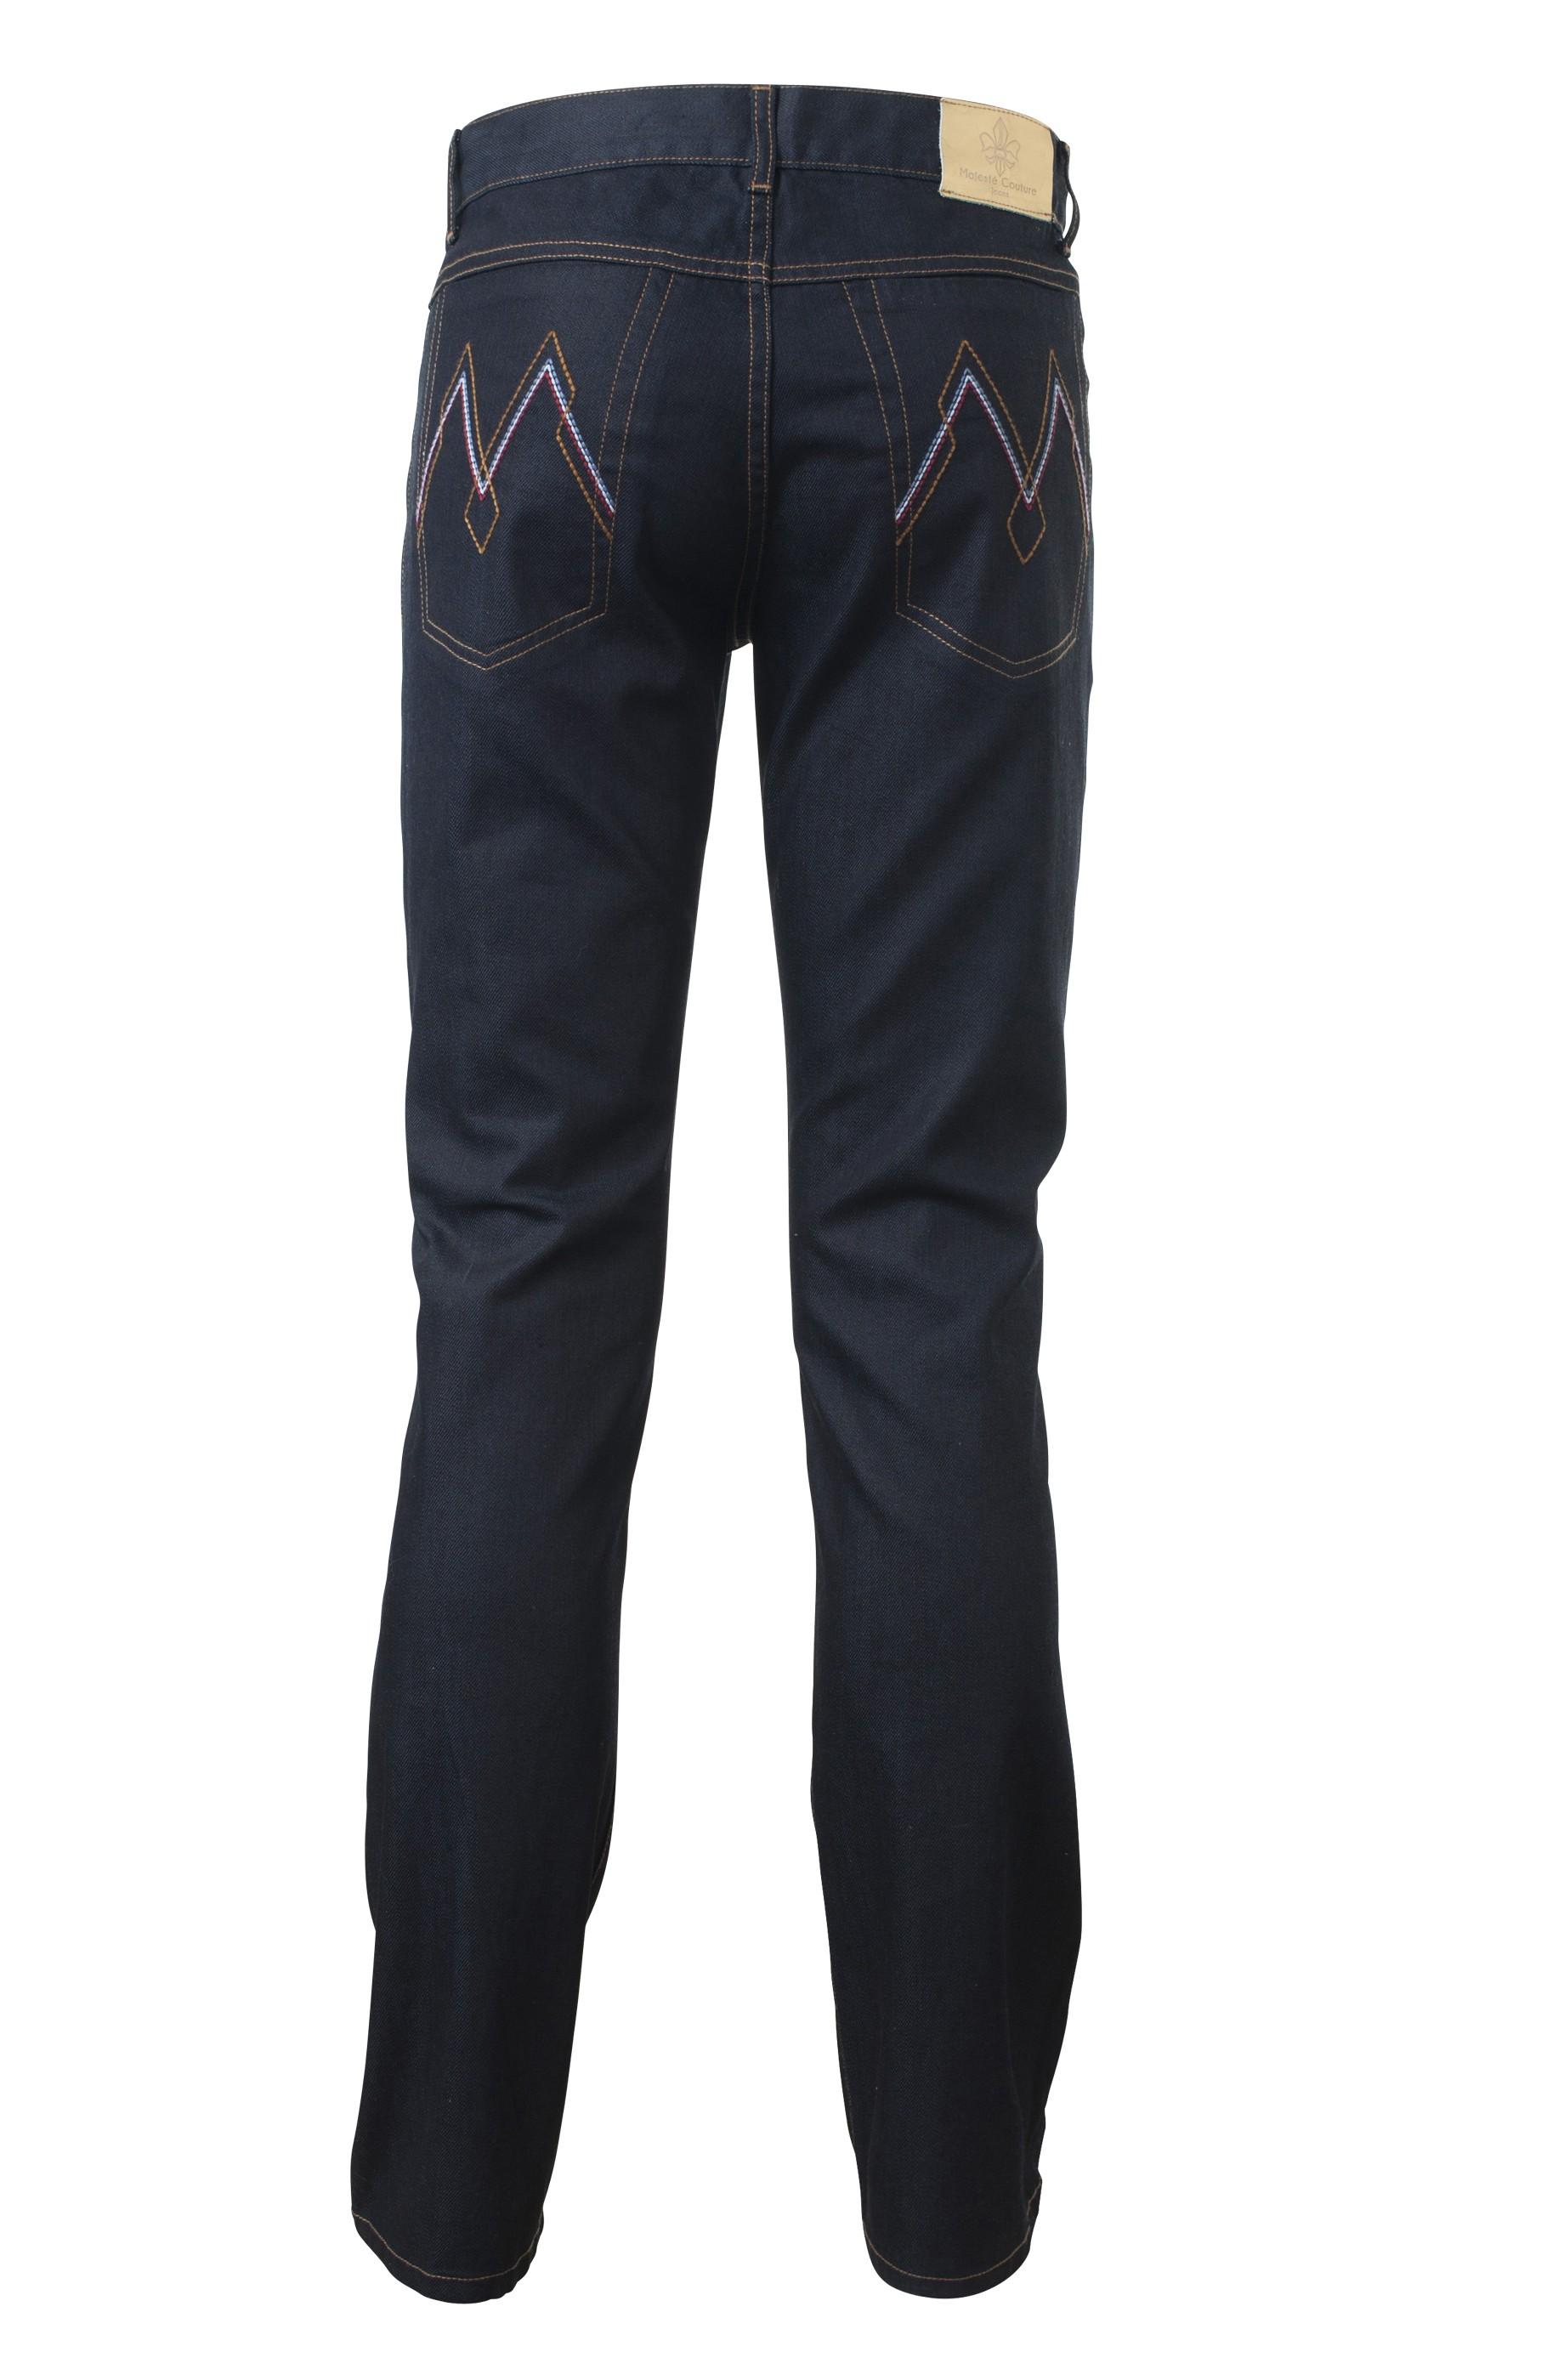 Majesté Couture Paris: MJ-536 SAPPHIRE JEANS | Clothing,Clothing > Jeans -  Hiphunters Shop